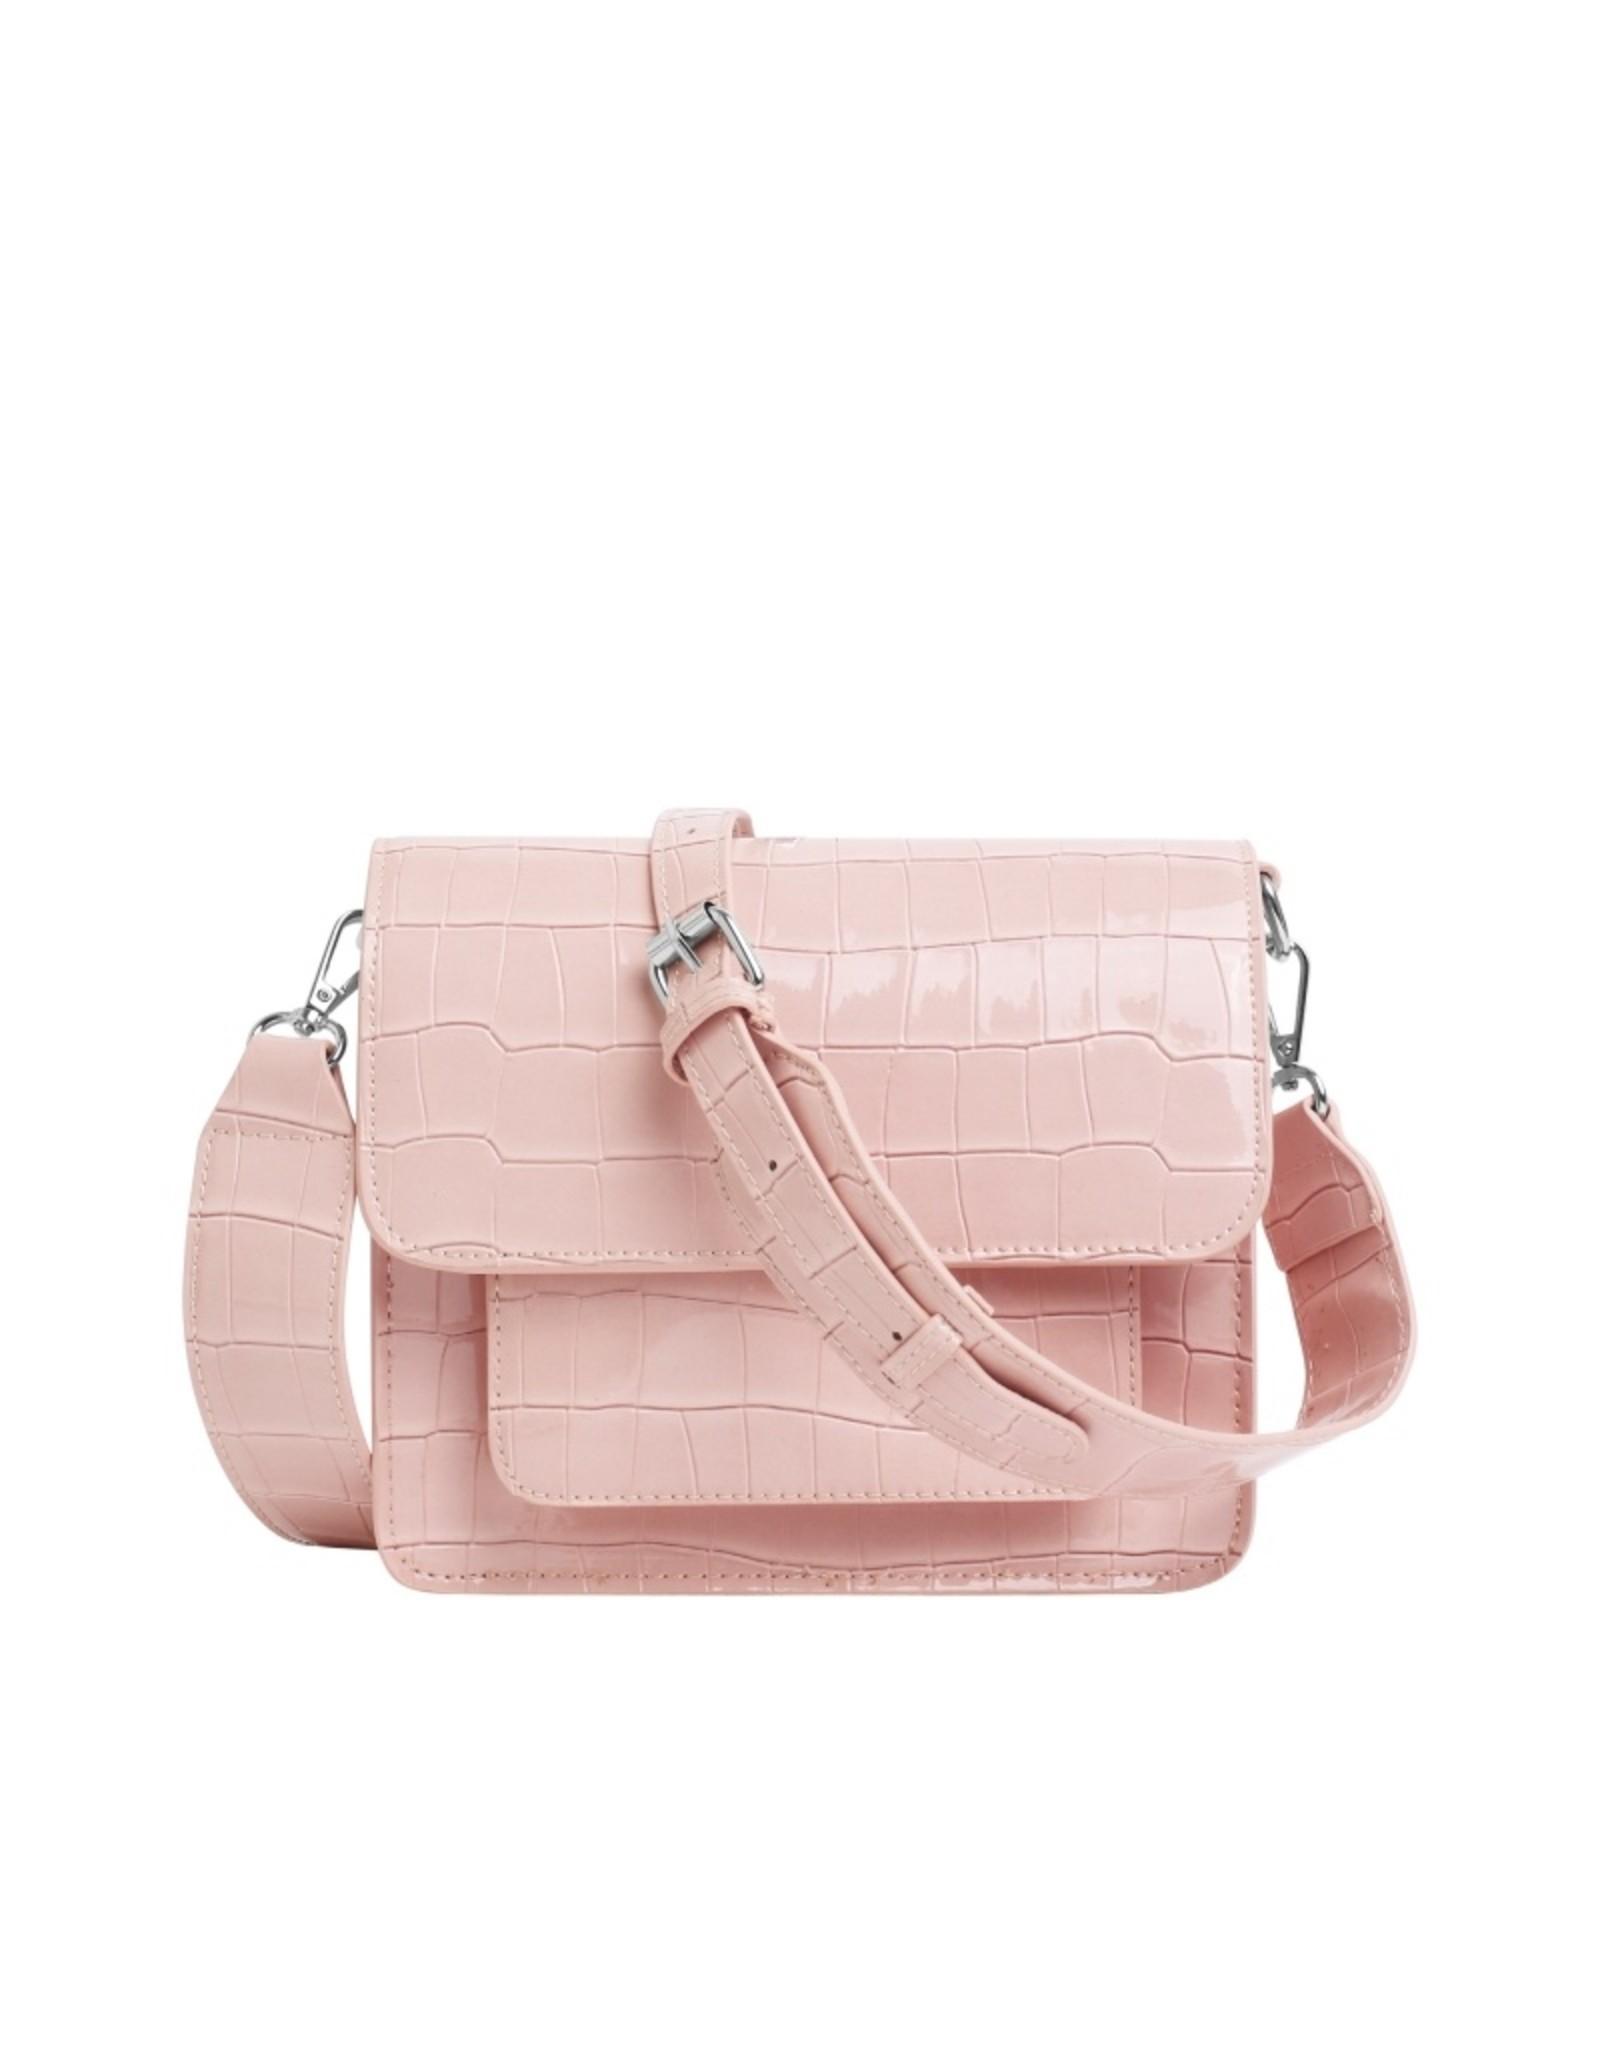 HVISK Handtas 'Cayman Pocket' - Soft Pink - Hvisk